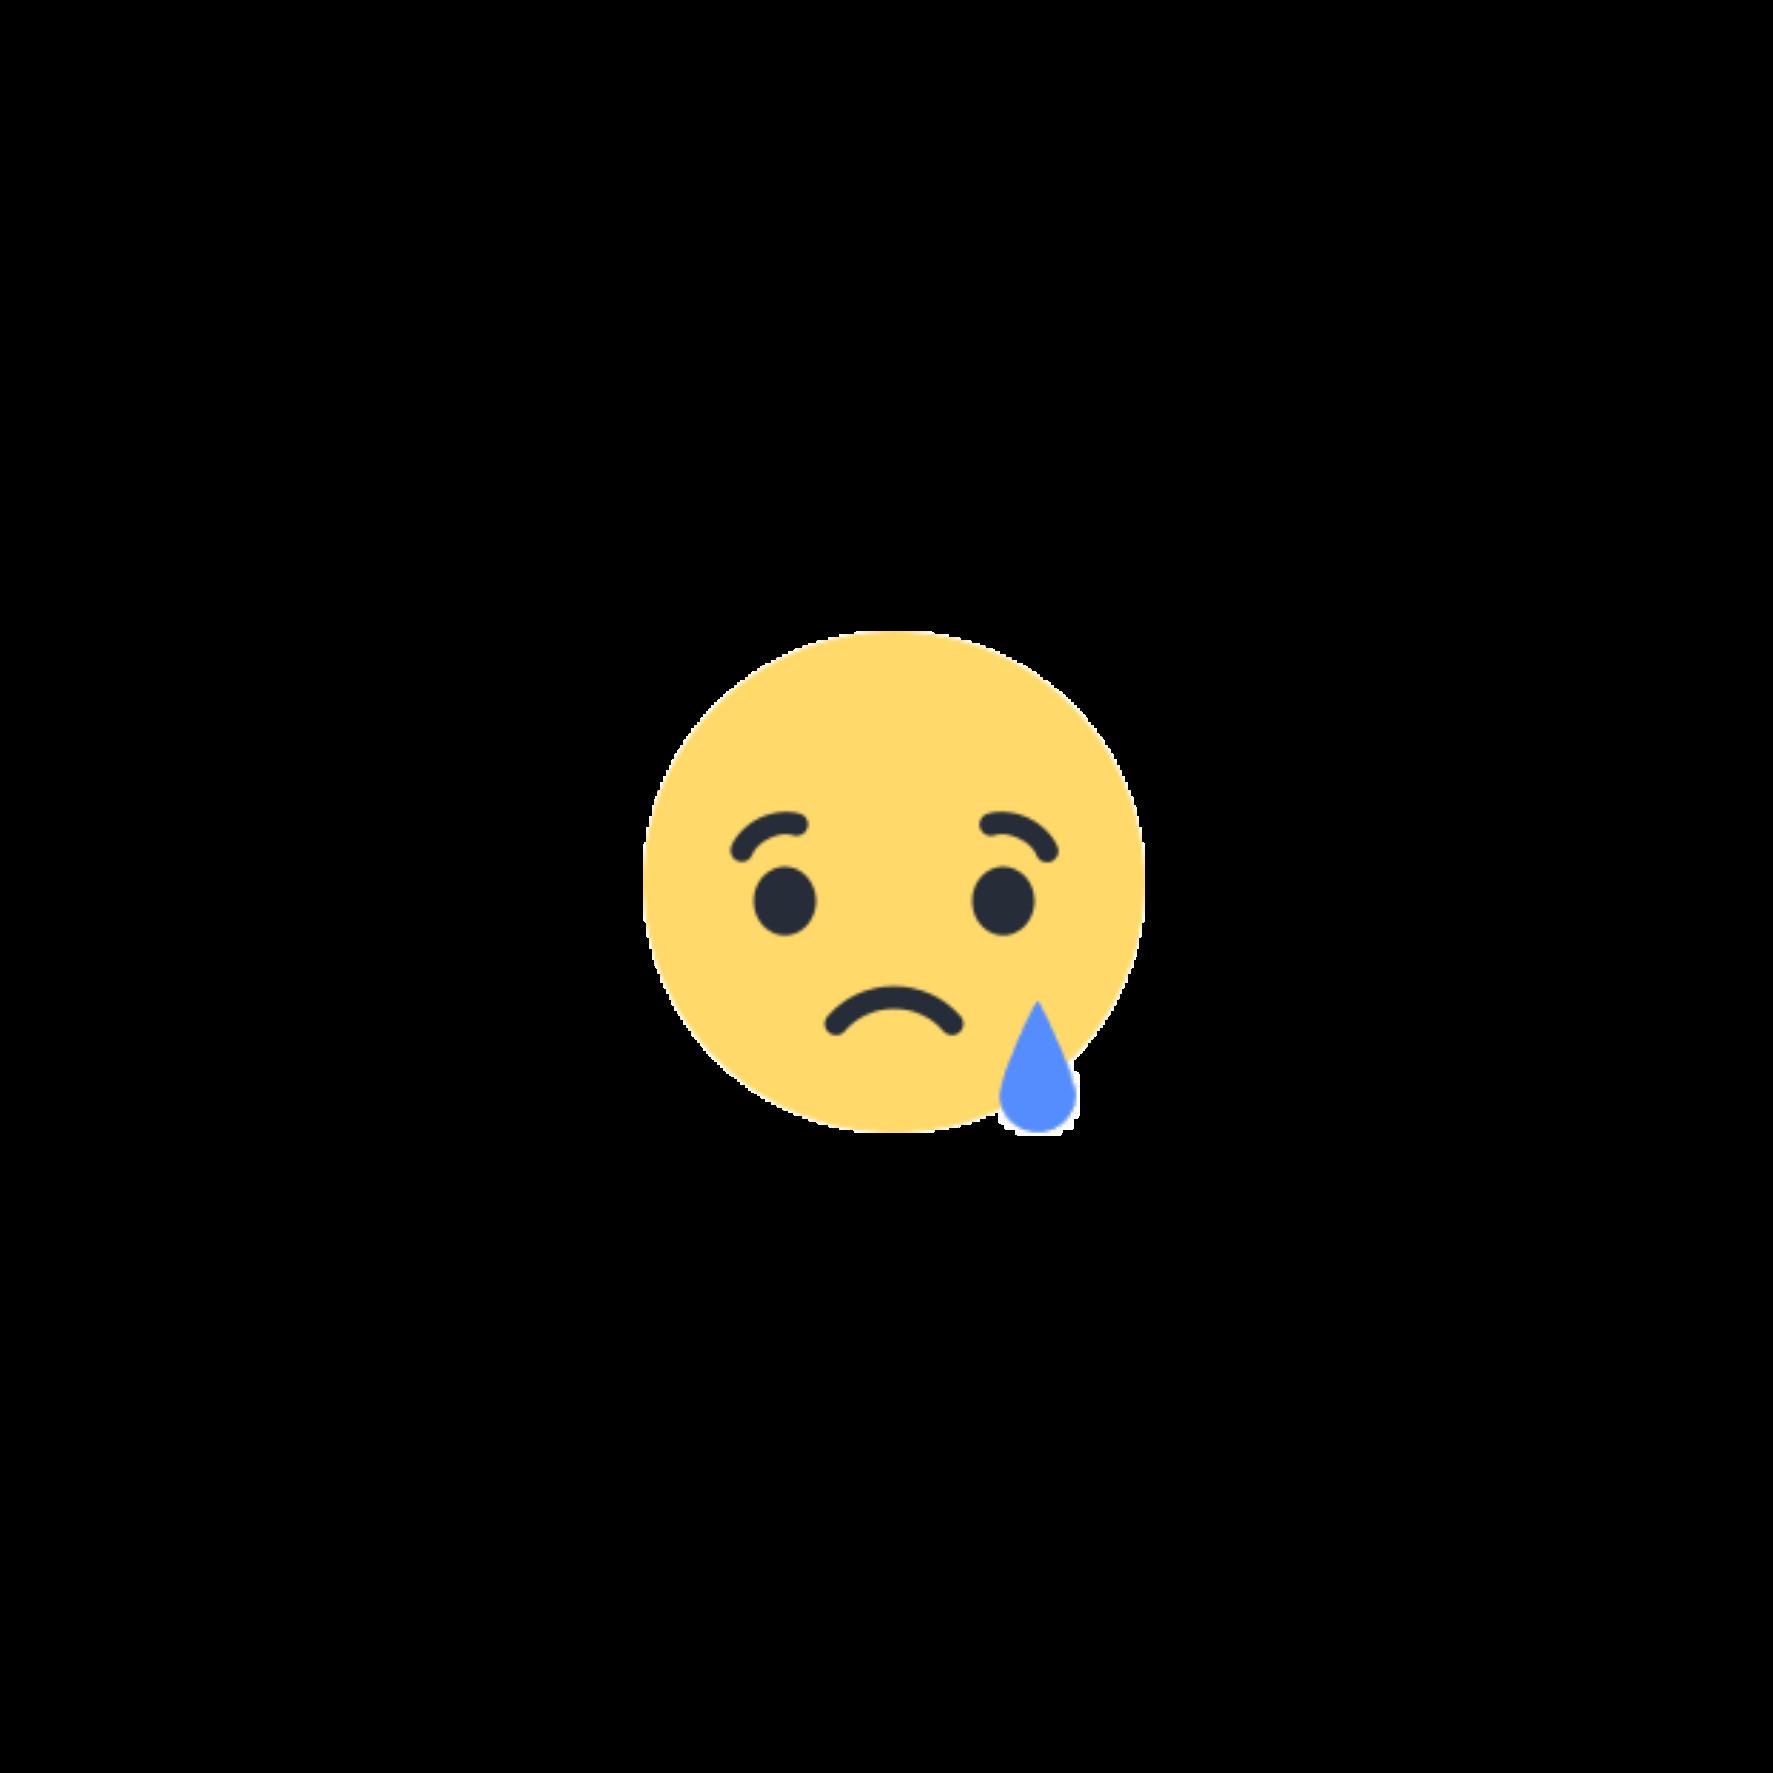 sad emoticon on facebook - HD1773×1773